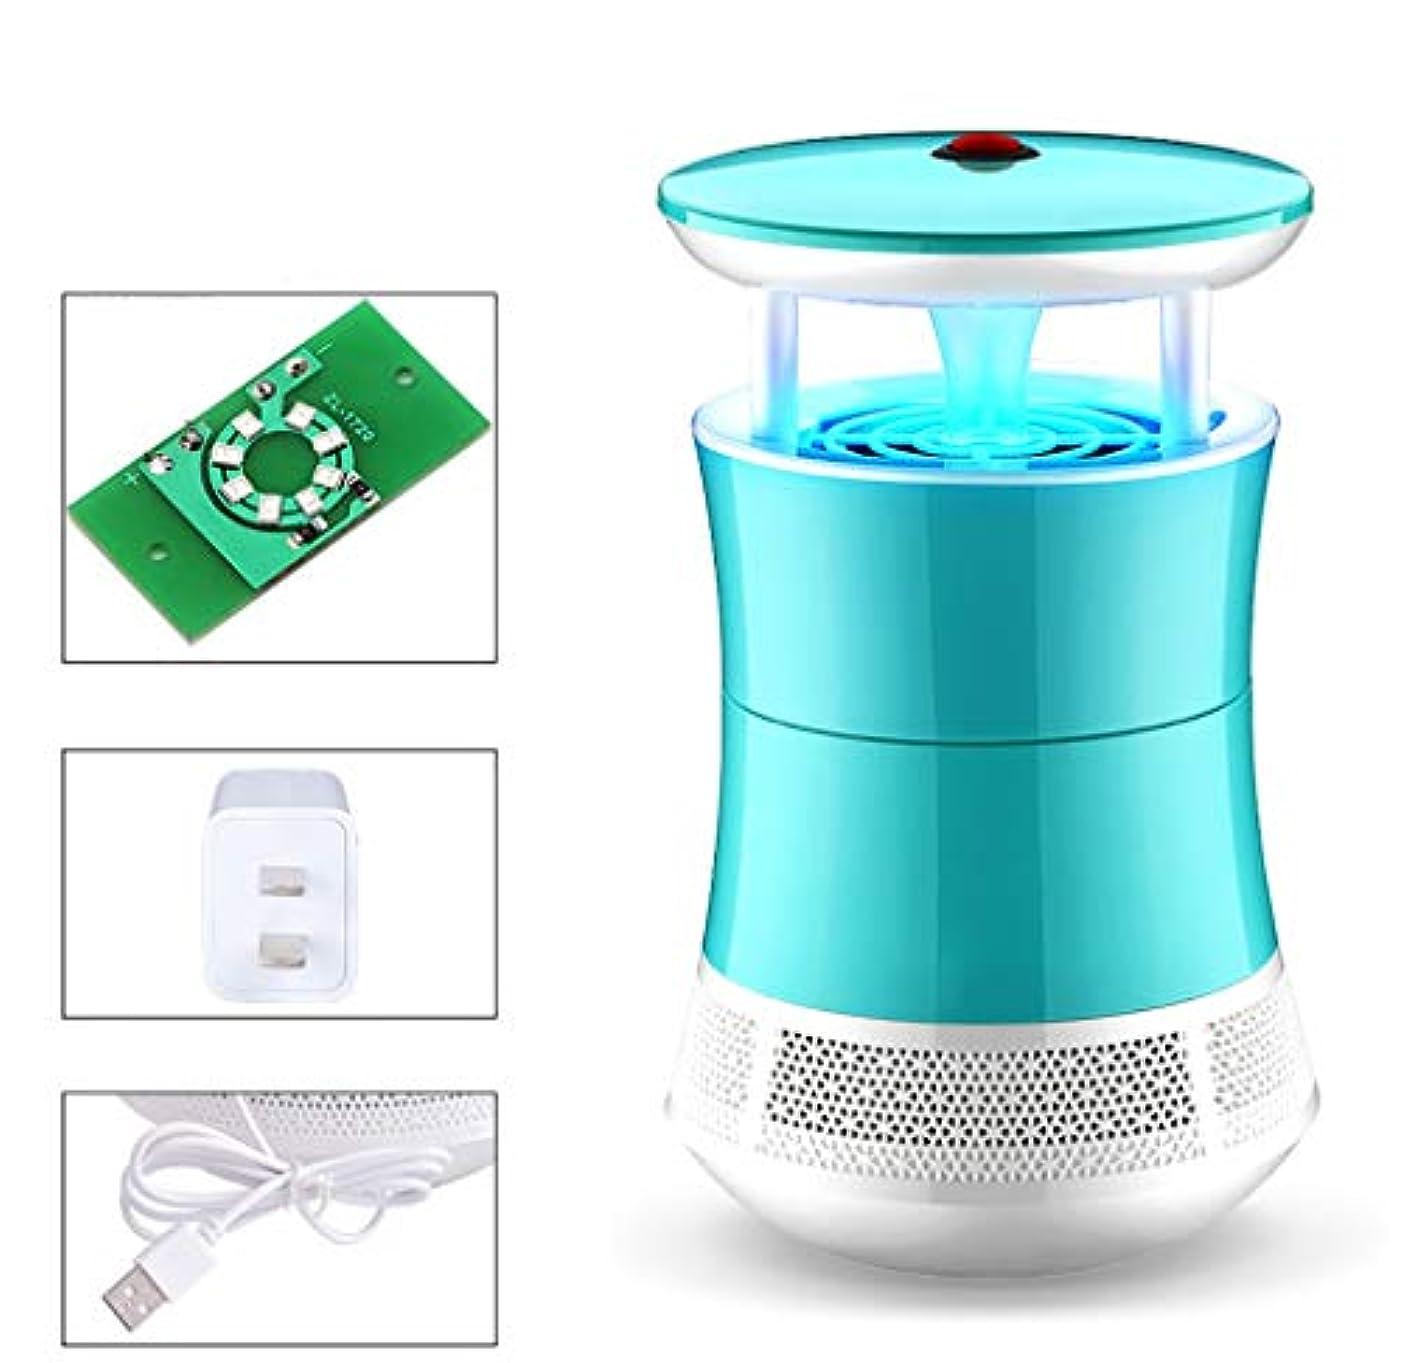 蚊キラー 家庭用の蚊の殺し屋、無放射線ミュートは、電子寝室、赤ちゃんの昆虫の殺し屋、白で蚊を殺す